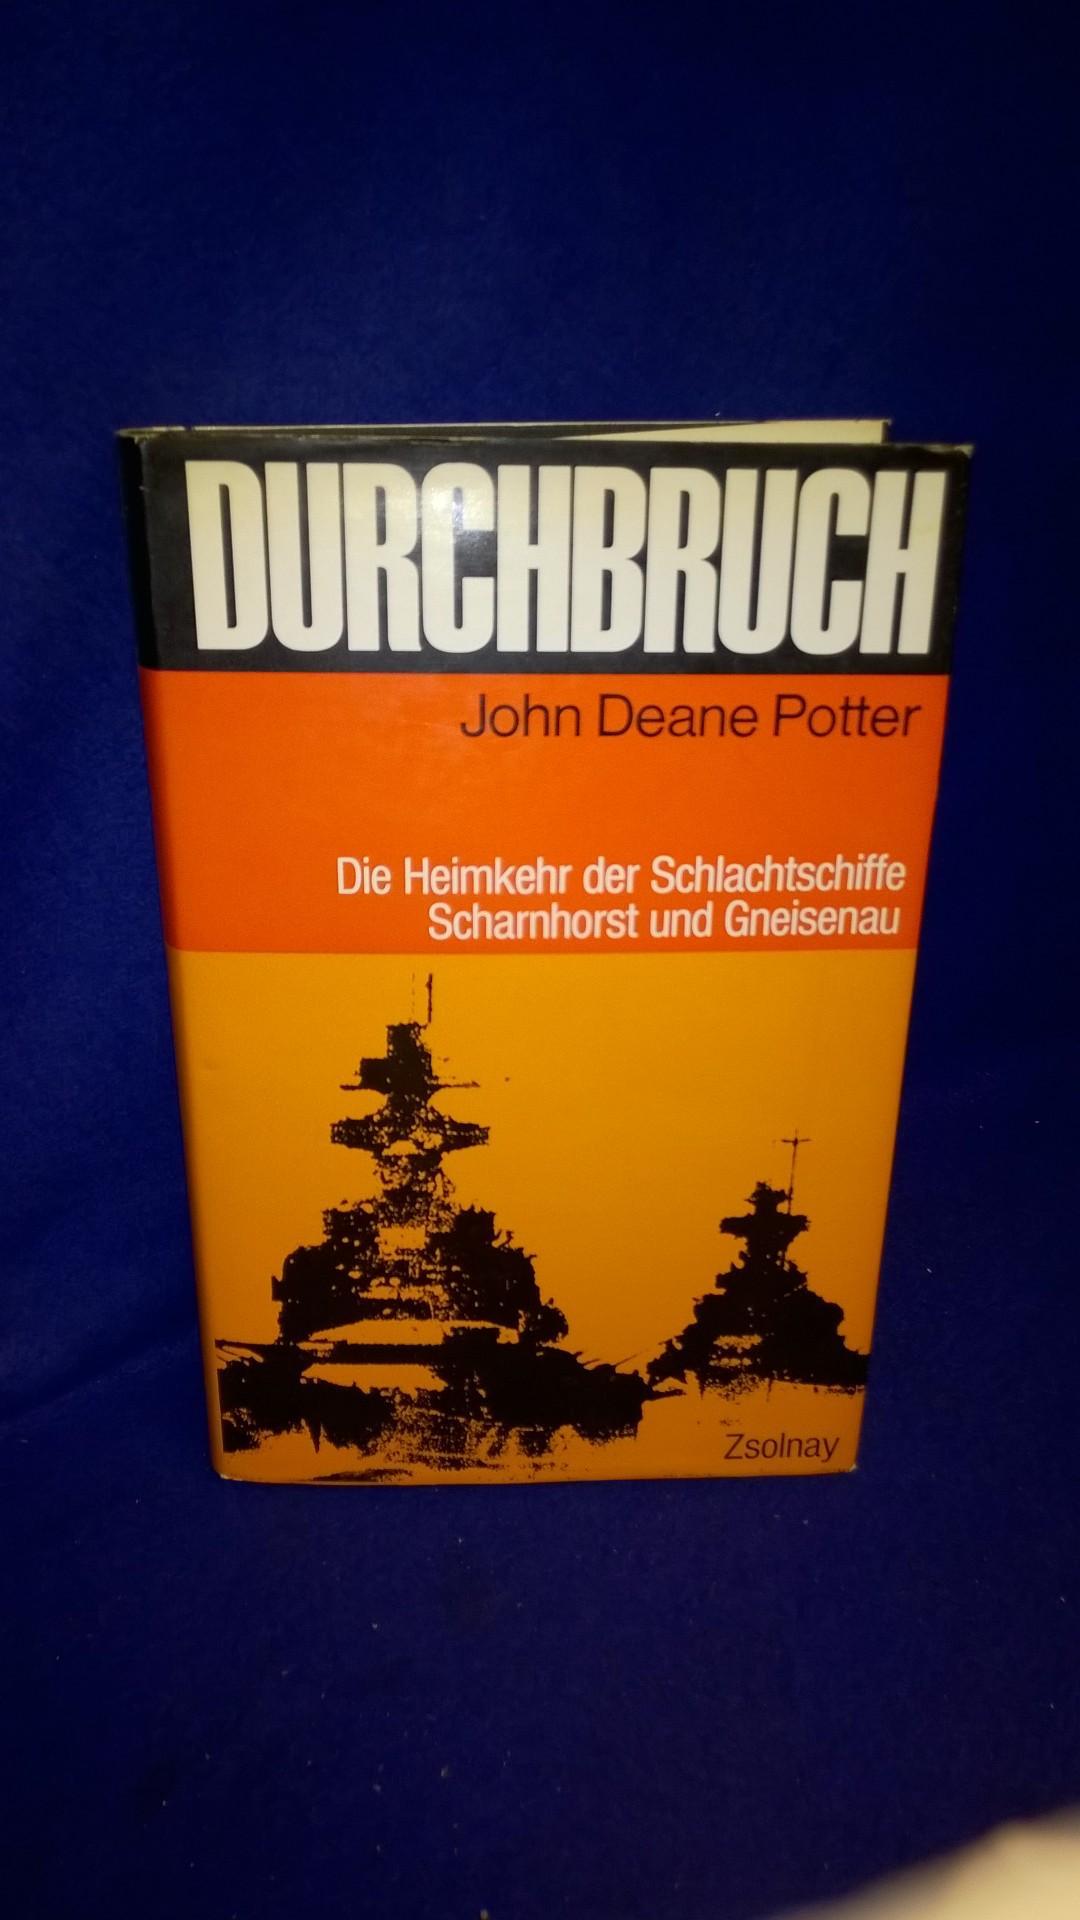 Durchbruch: Die Heimkehr der Schlachtschiffe Scharnhorst und Gneisenau